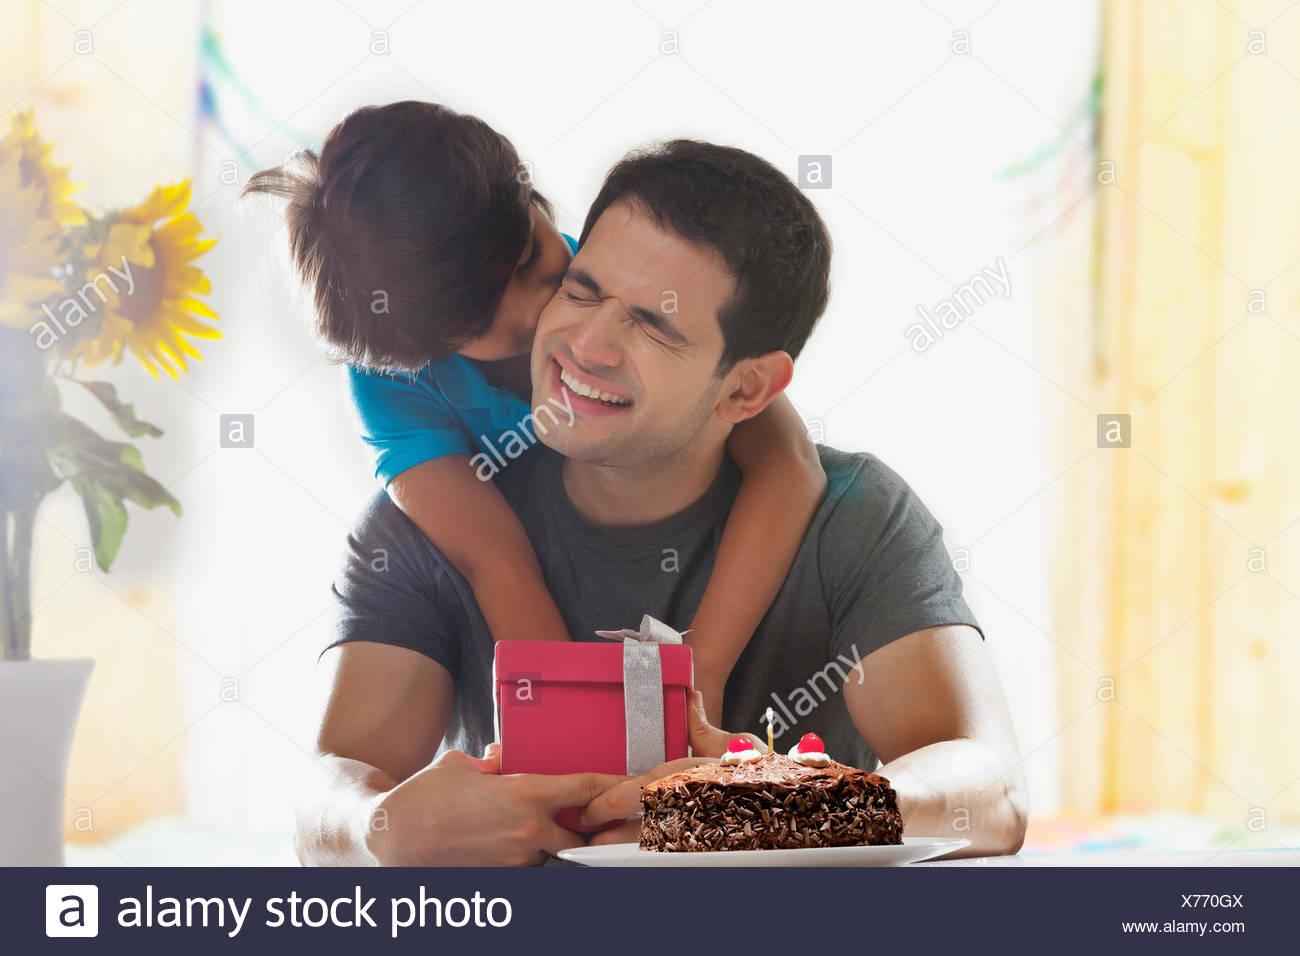 Hijo sorprender a su padre con regalo de cumpleaños Imagen De Stock